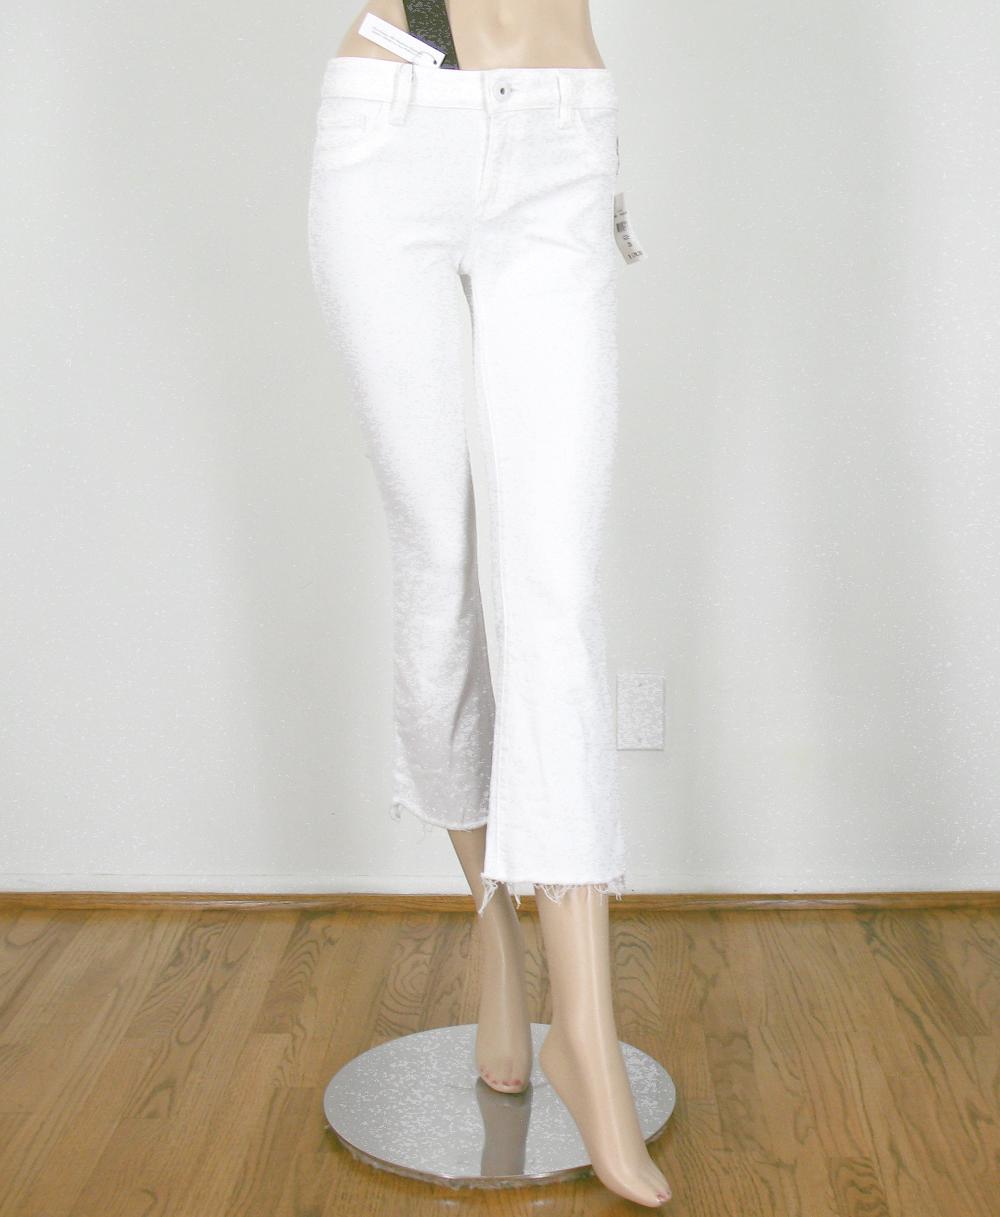 DL1961 Lara Bord Brut Court Jeans Évasé Porcelain Weiß 26 9865 BM14